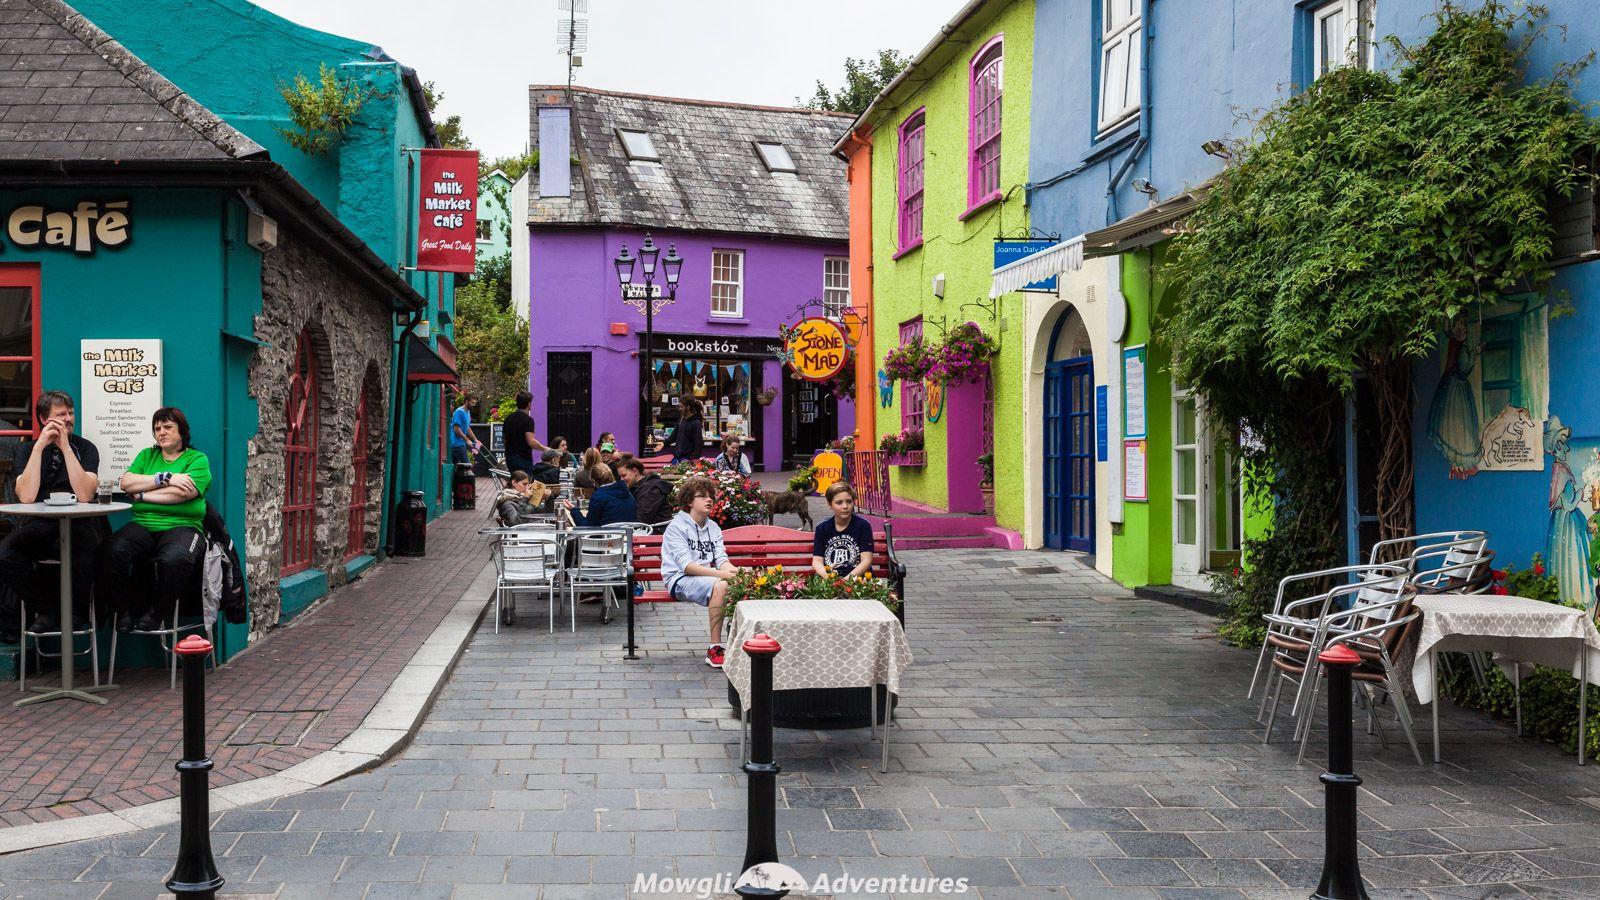 Family walking tour in Cork